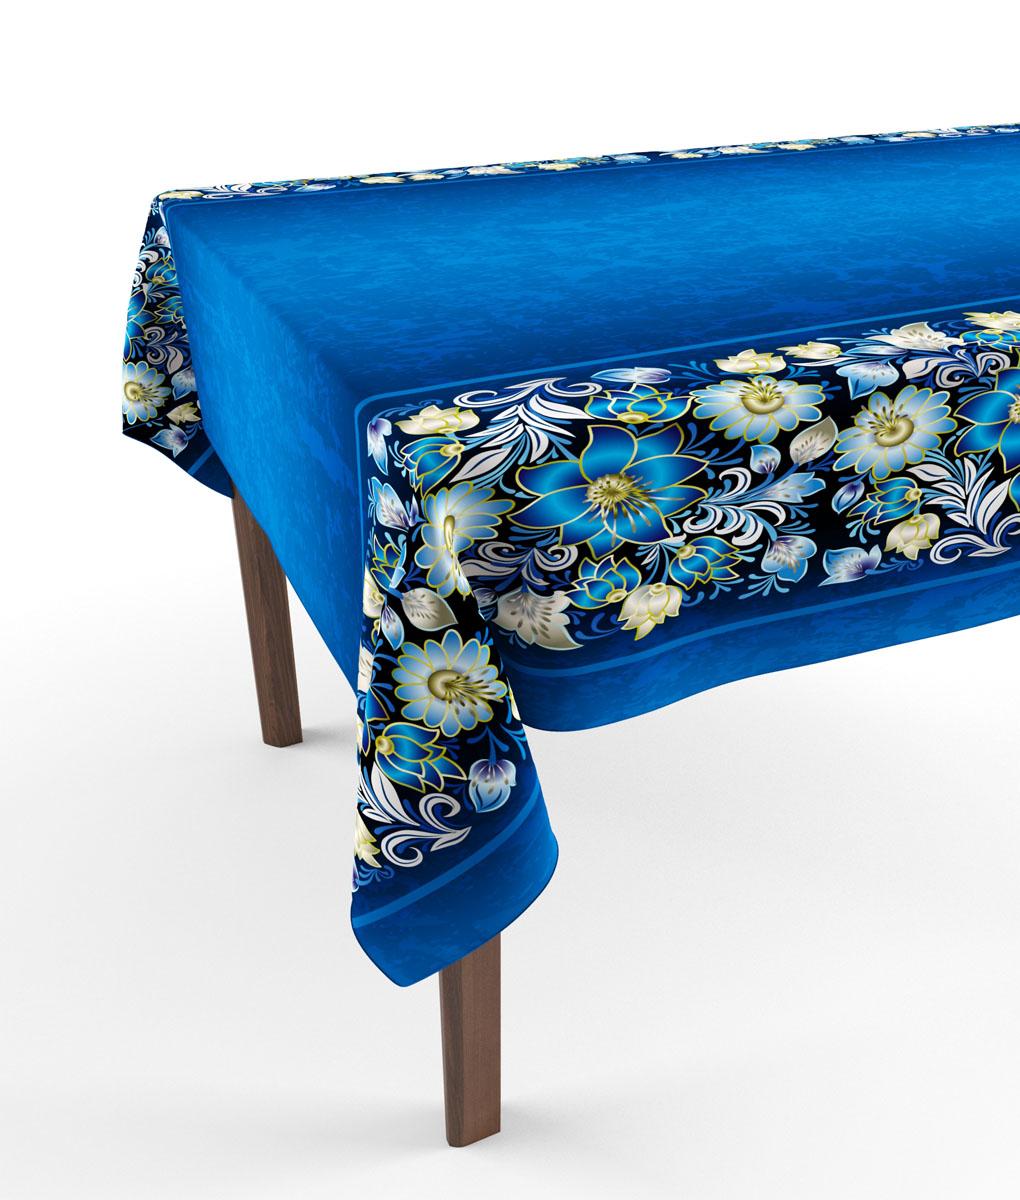 Скатерть Сирень Синие цветы, прямоугольная, 145 x 120 см00472-СК-ГБ-003Прямоугольная скатерть Сирень Синие цветы с ярким и объемным рисунком,выполненная из габардина, преобразит вашу кухню, визуально расширитпространство, создаст атмосферу радости и комфорта. Рекомендациипо уходу: стирка при 30 градусах, гладить при температуре до 110 градусов.Размер скатерти: 145 х 120 см.Изображение может немного отличаться от реального.